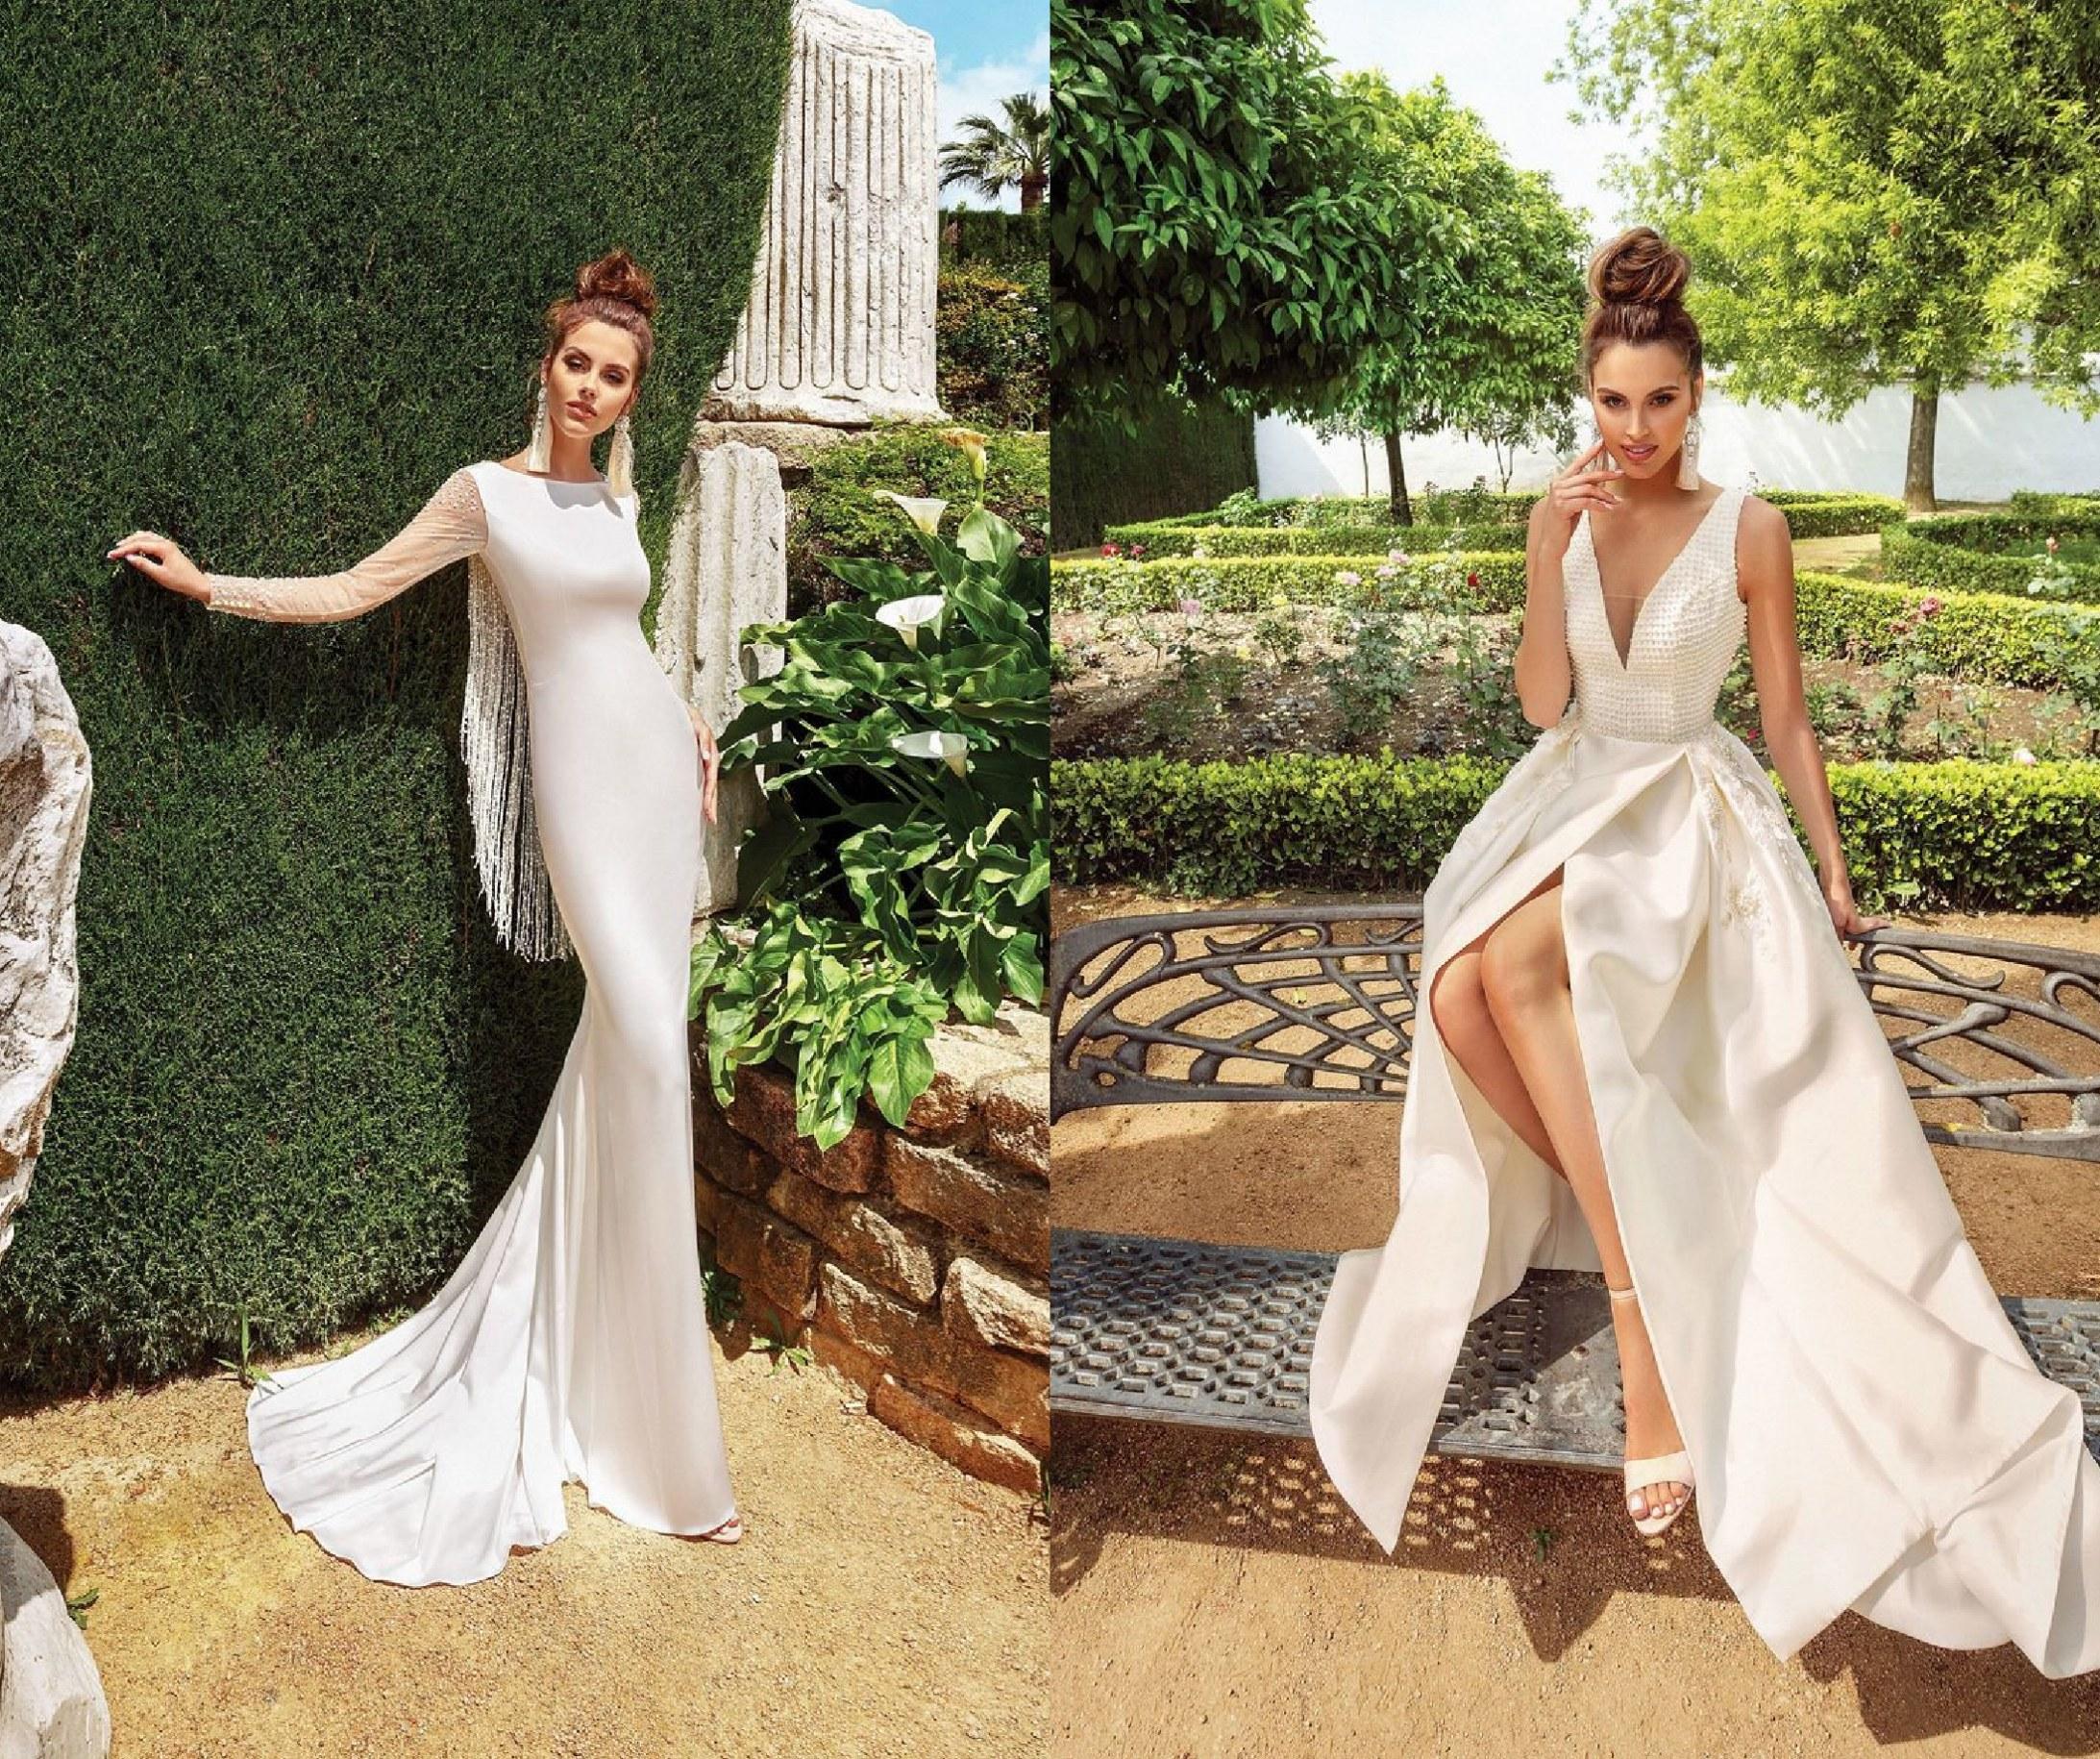 Гид по стилям: гламур, или платья в духе золотого века Голливуда